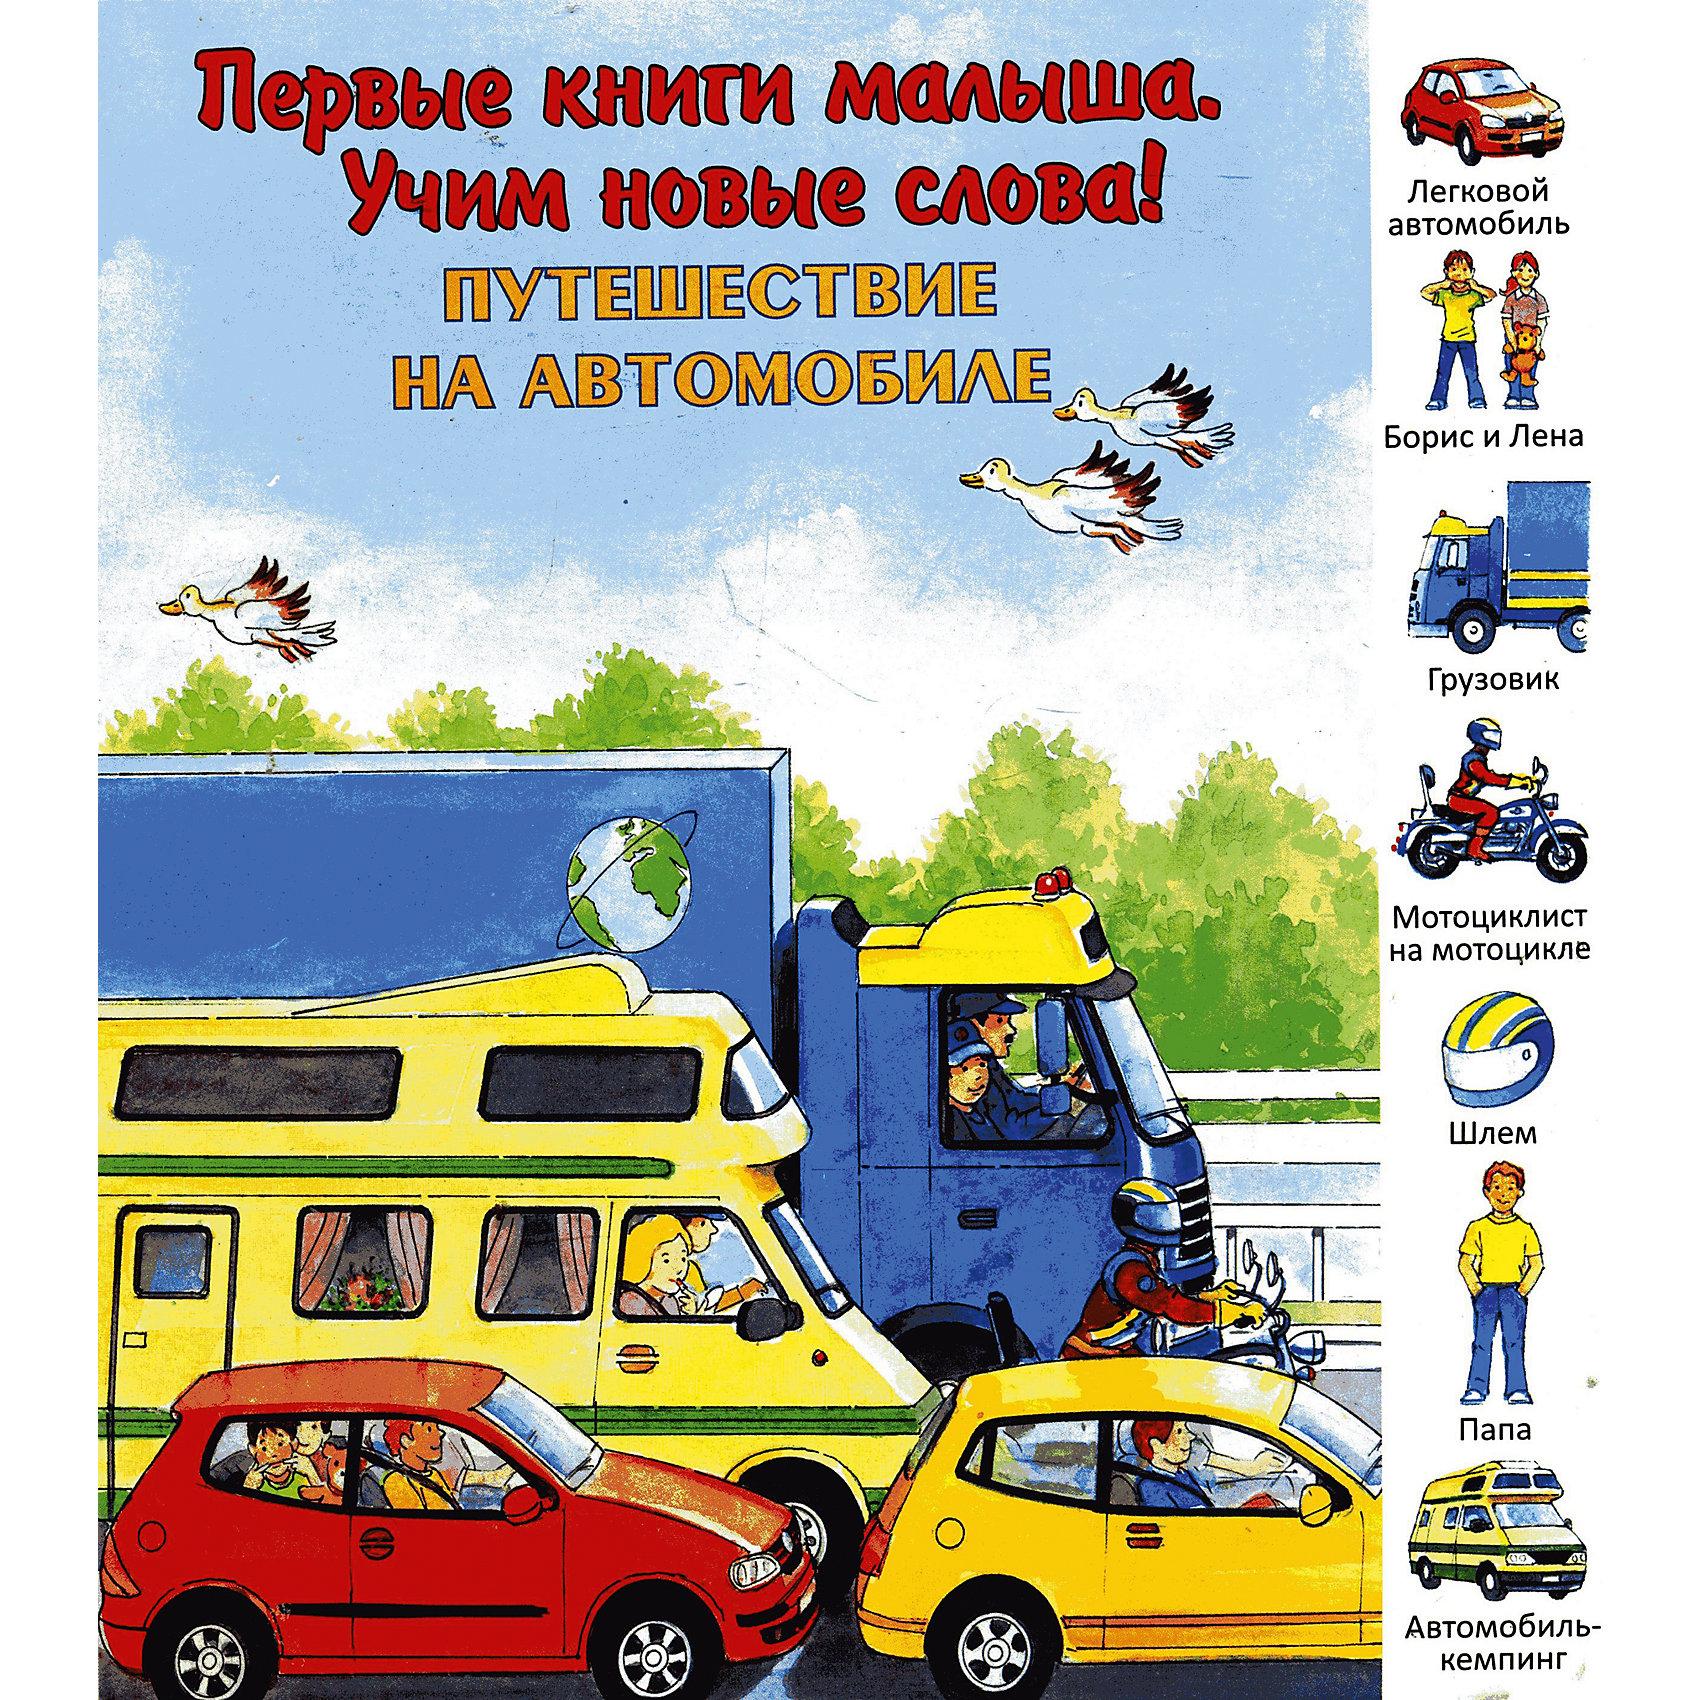 Путешествие на автомобилеПутешествуя с родителями на автомобиле, Борис и Лена открыли для себя целый автомир! Они узнали: что происходит на заправке, что бывает после аварии на дороге, чем занимаются механики в автомастерской, как выглядит автомойка и автосалон. Только внимательный читатель сможет найти на больших картинках те детали, которые изображены на полях страниц. <br><br>Дополнительная информация:<br><br>- Художник: Taylor Lawrie.<br>- Переводчик: Комарова Д.<br>- Формат: 25,2х22 см.<br>- Переплет: картон. <br>- Количество страниц: 10. <br>- Иллюстрации: цветные. <br><br>Книгу Путешествие на автомобиле можно купить в нашем магазине.<br><br>Ширина мм: 220<br>Глубина мм: 4<br>Высота мм: 250<br>Вес г: 265<br>Возраст от месяцев: 0<br>Возраст до месяцев: 36<br>Пол: Унисекс<br>Возраст: Детский<br>SKU: 4522280